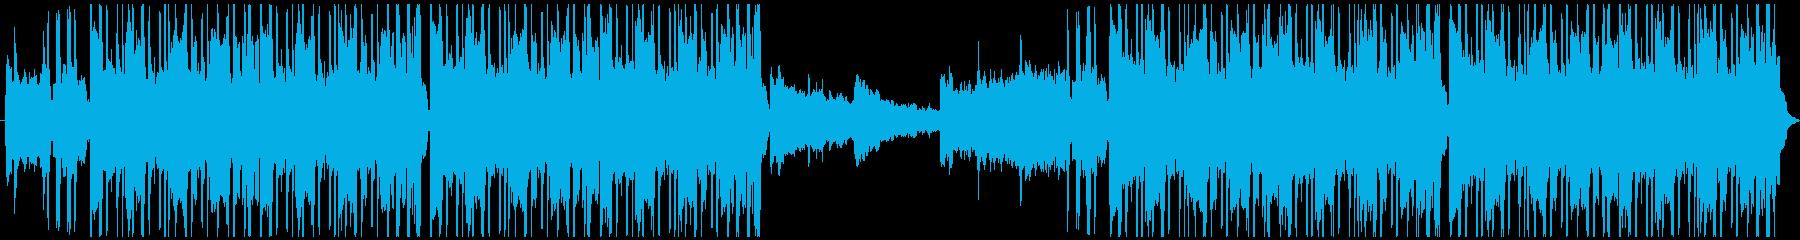 リラックスできるクールなヒップホップの再生済みの波形